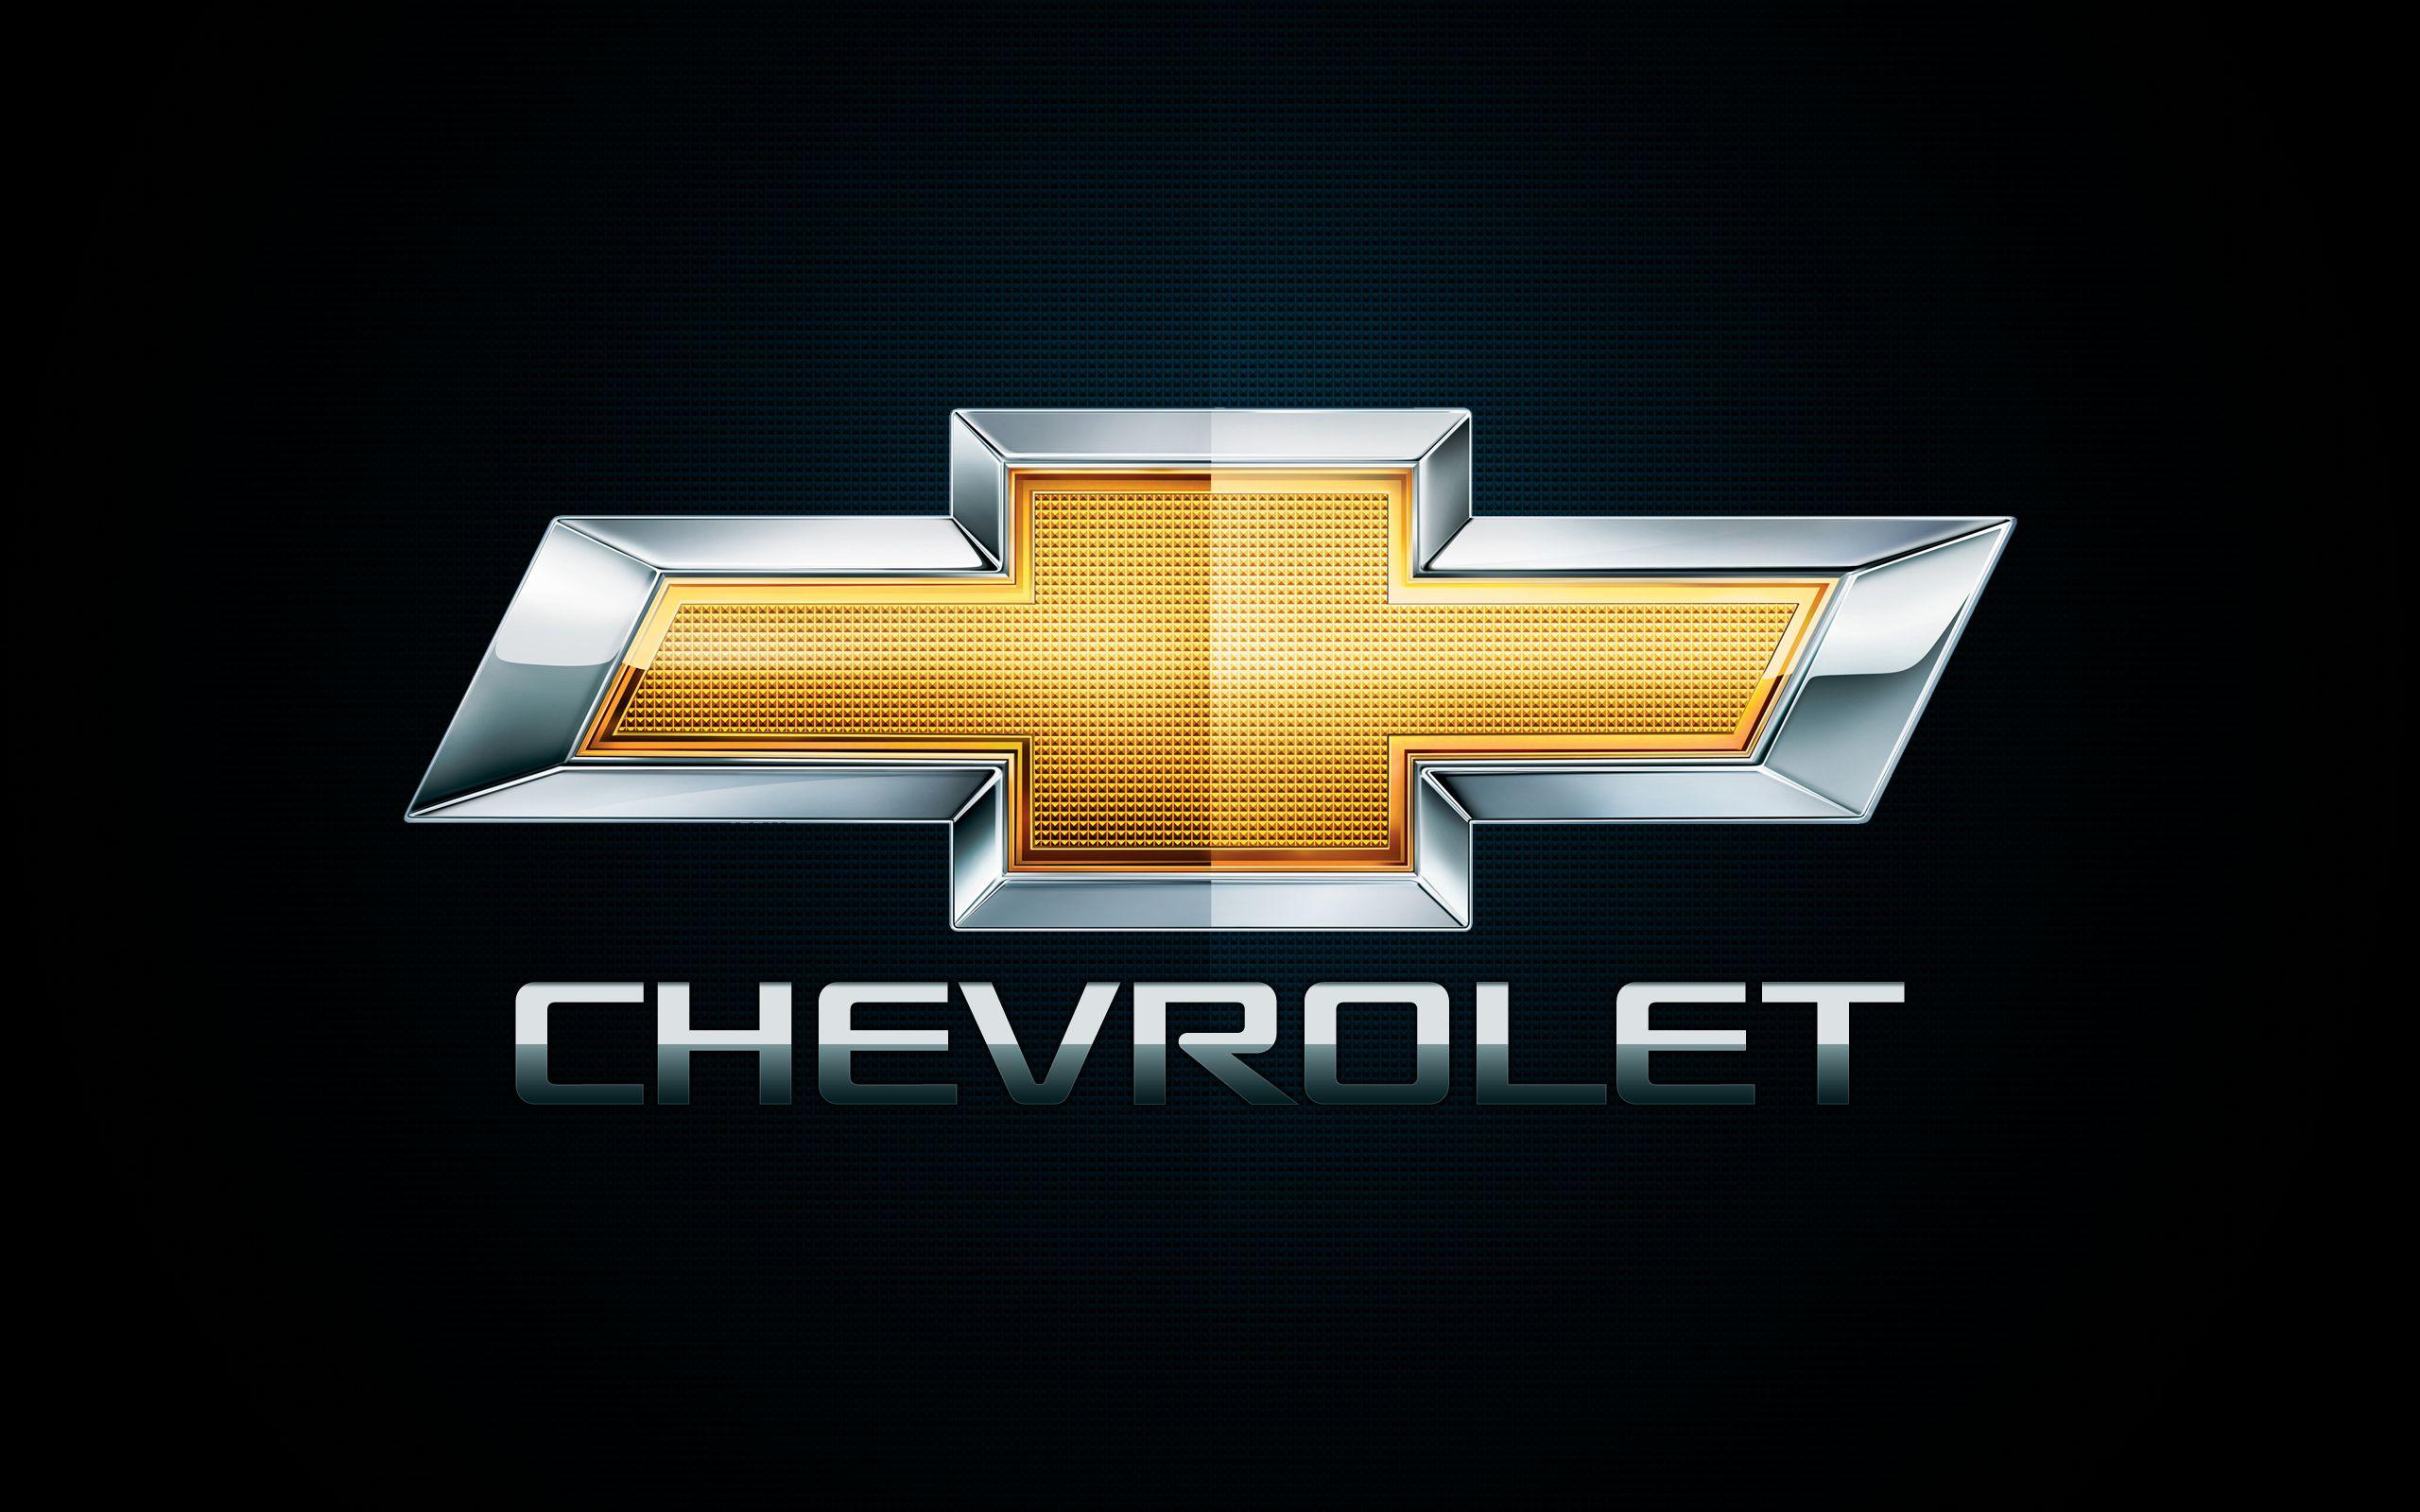 Chevrolet Logo Hd Wallpaper Logo De Chevrolet Logos De Coches Logos De Marcas